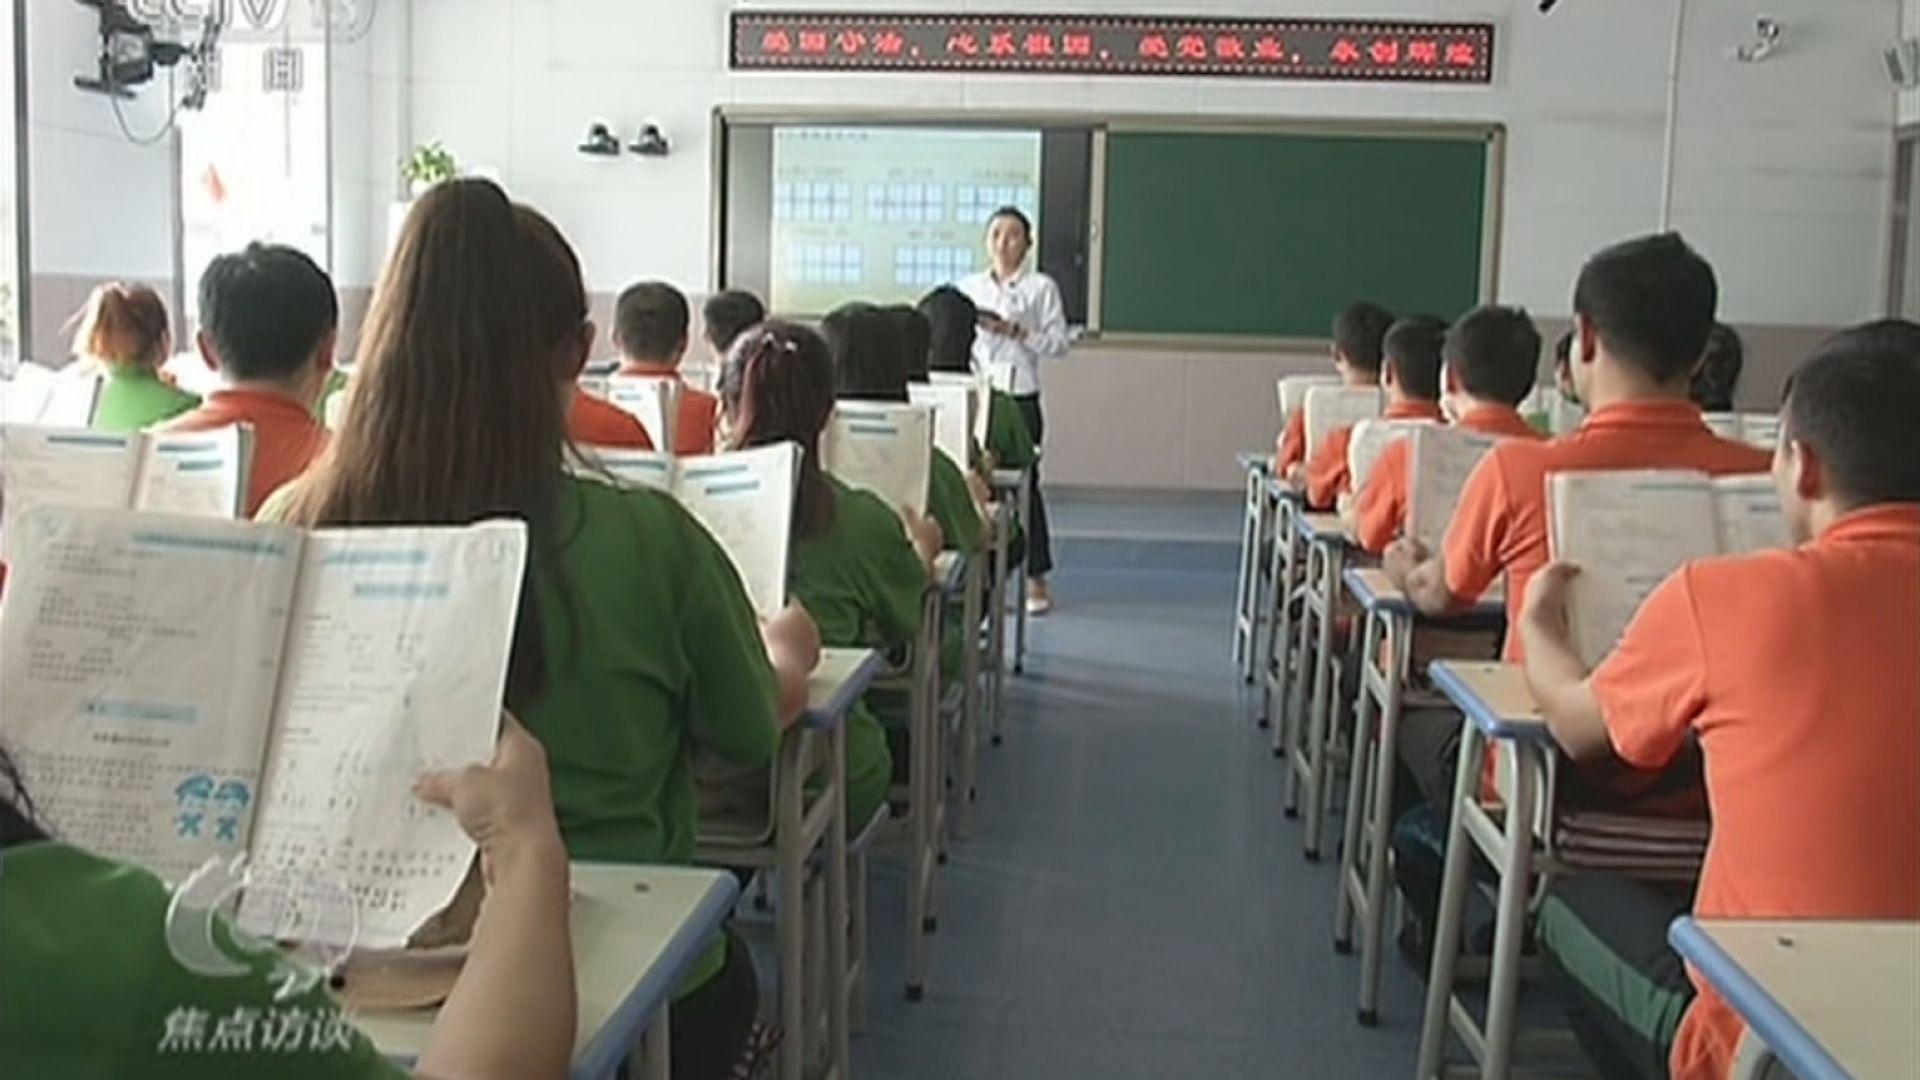 美官員指中國扣押近三百萬穆斯林在集中營